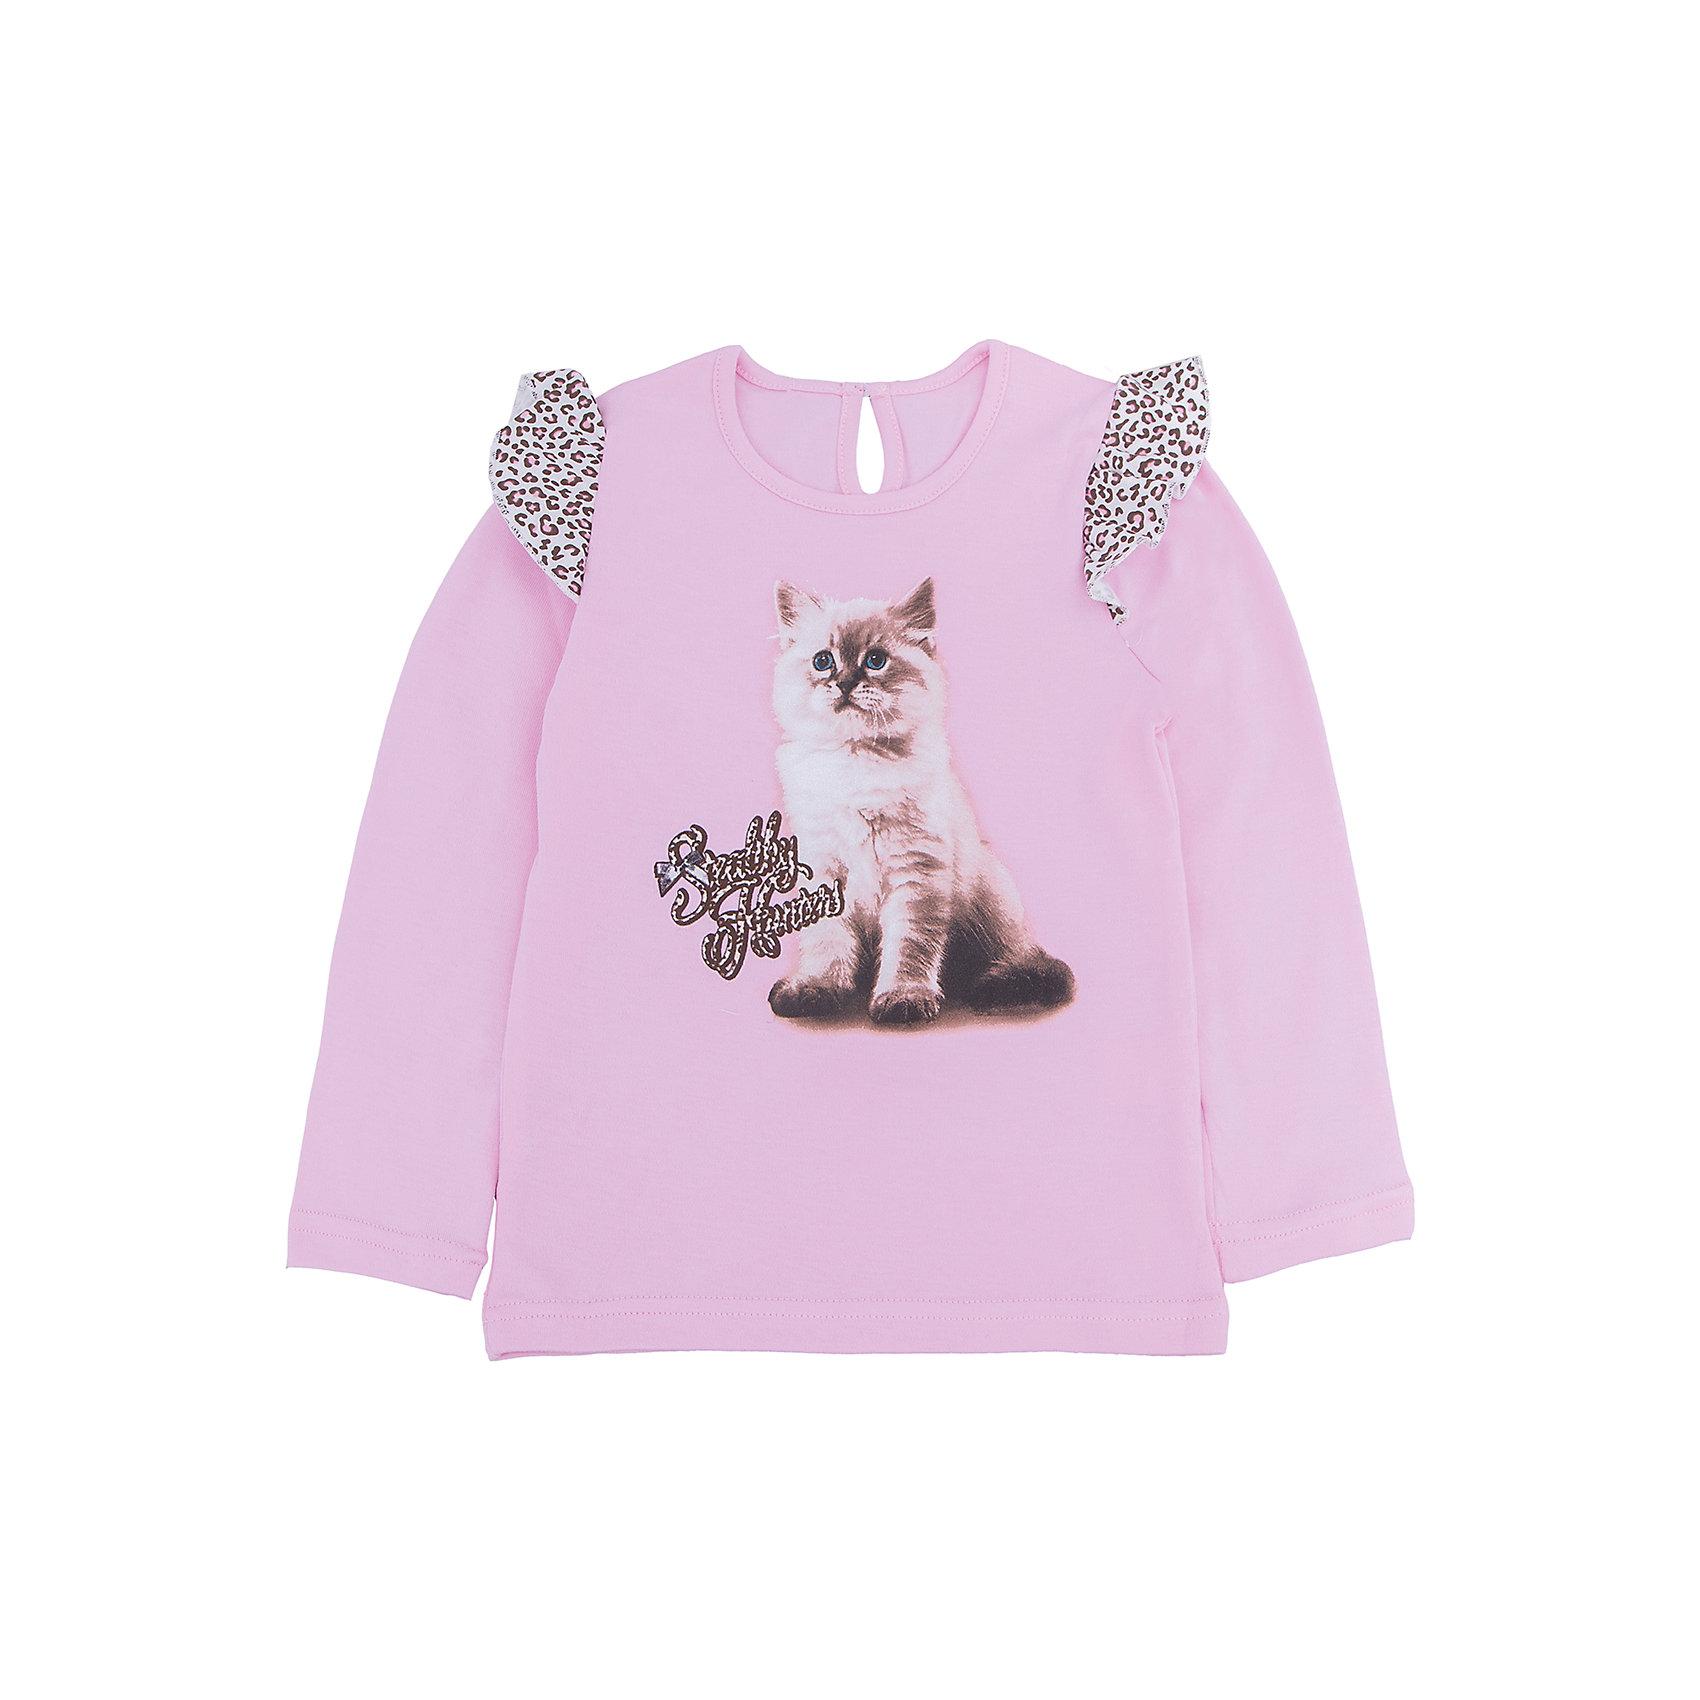 Футболка с длинным рукавом для девочки АпрельФутболка с длинным рукавом для девочки Апрель.<br><br>Характеристики:<br>• состав: 100% хлопок<br>• цвет: розовый<br>• коллекция: Забавные котята<br><br>Очаровательная футболка из коллекции Забавные котята (Апрель) изготовлена из стопроцентного хлопкового полотна. Она имеет круглый ворот, длинный рукав и расширенный к низу силуэт. Сзади модель застегивается на пуговицу. Футболка розового цвета украшена леопардовыми рюшами на рукавах. Спереди модель декорирована принтом с милым котенком. Эта футболка придется по вкусу начинающей моднице!<br><br>Футболку с длинным рукавом Апрель можно купить в нашем интернет-магазине.<br><br>Ширина мм: 230<br>Глубина мм: 40<br>Высота мм: 220<br>Вес г: 250<br>Цвет: розовый<br>Возраст от месяцев: 36<br>Возраст до месяцев: 48<br>Пол: Женский<br>Возраст: Детский<br>Размер: 104,116,86,110,92,98<br>SKU: 5006832